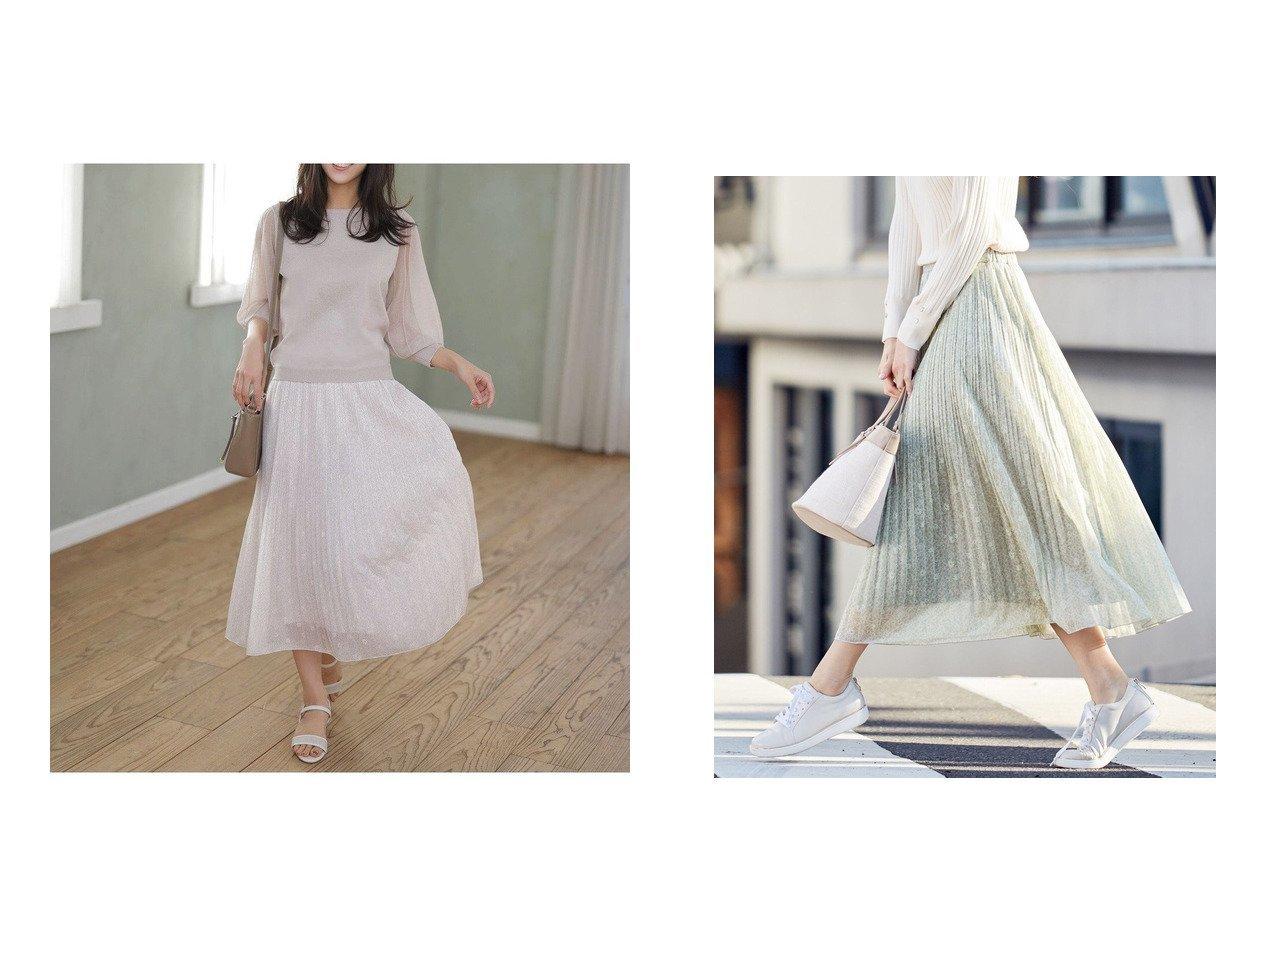 【any SiS/エニィ スィス】の【洗える】刺繍風ミニフラワープリント スカート 【スカート】おすすめ!人気、トレンド・レディースファッションの通販 おすすめで人気の流行・トレンド、ファッションの通販商品 メンズファッション・キッズファッション・インテリア・家具・レディースファッション・服の通販 founy(ファニー) https://founy.com/ ファッション Fashion レディースファッション WOMEN スカート Skirt 送料無料 Free Shipping シアー ジャージー トレンド プリント プリーツ マーガレット 再入荷 Restock/Back in Stock/Re Arrival 洗える |ID:crp329100000036715